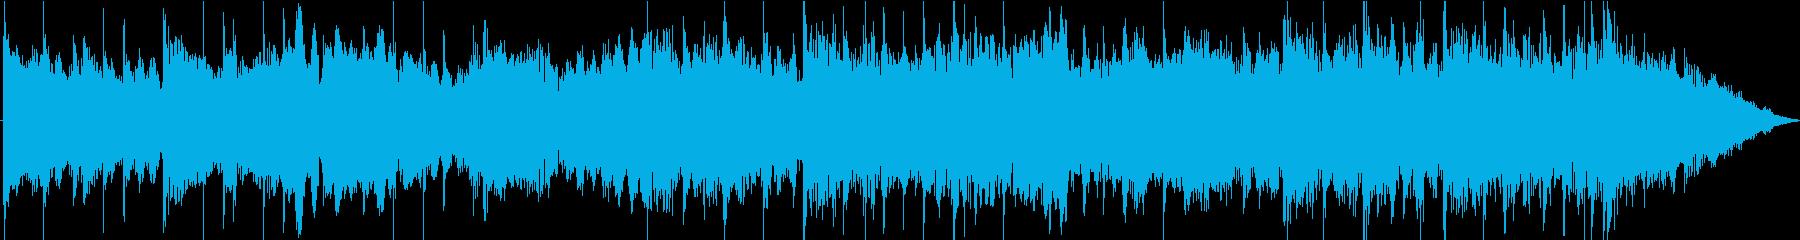 ポップ テクノ モダン 交響曲 室...の再生済みの波形